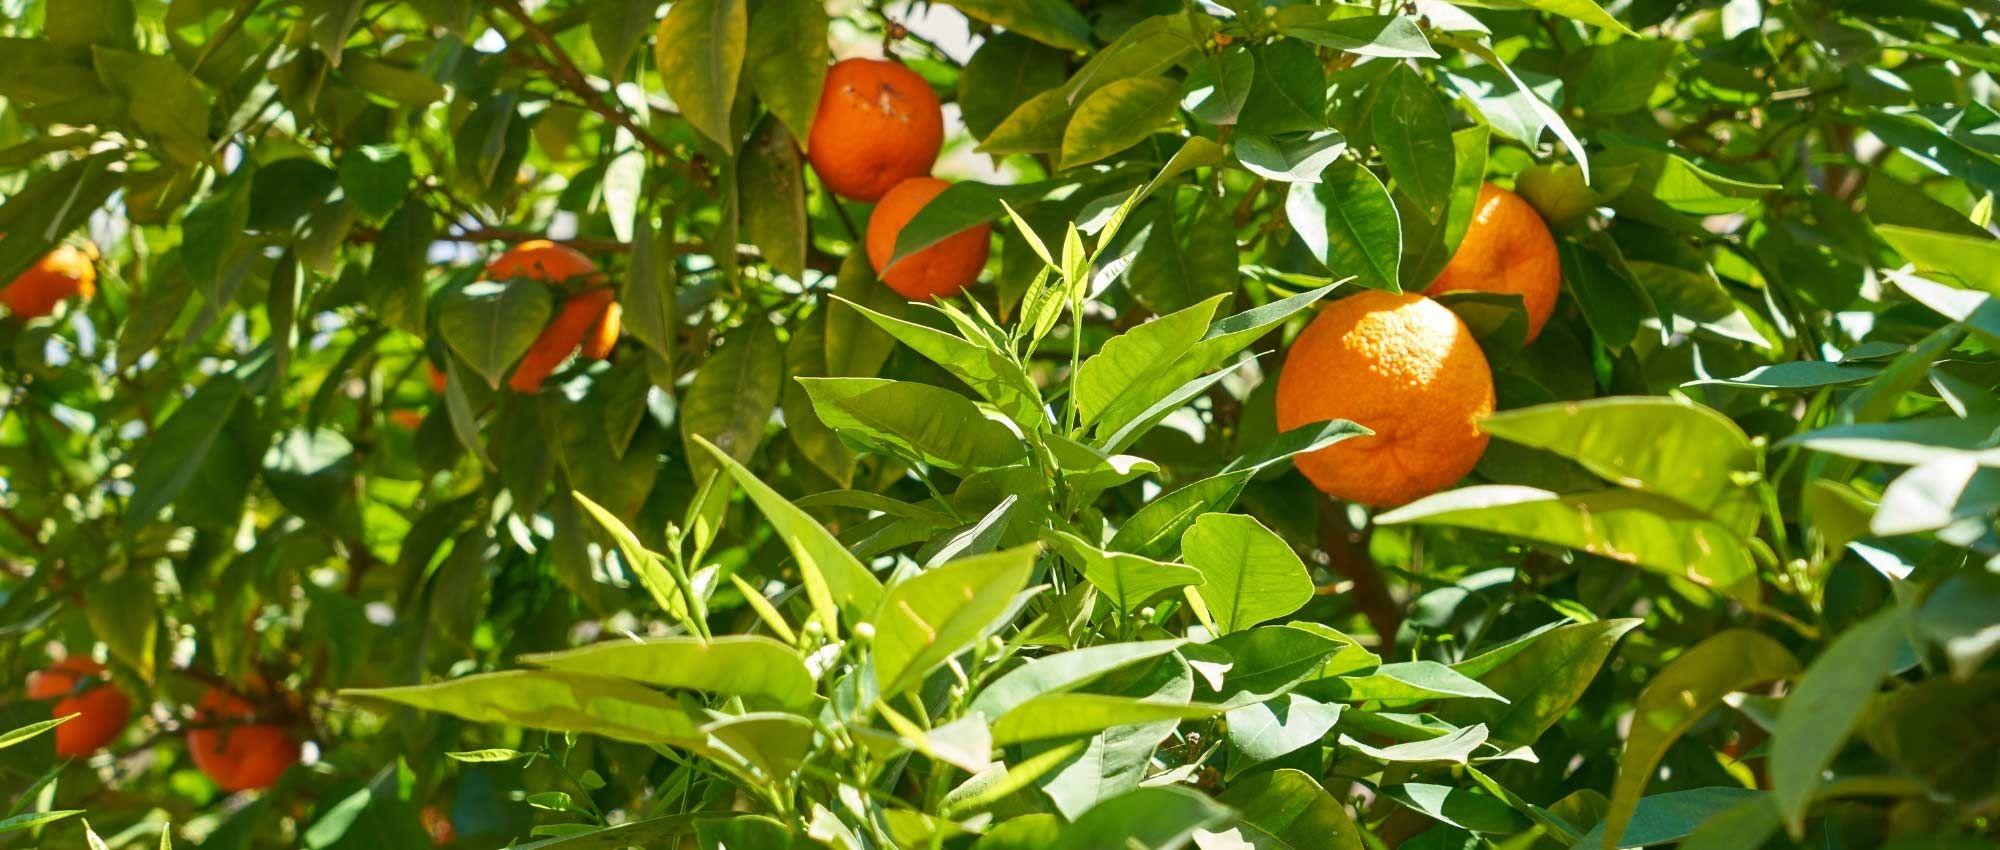 Epingle Sur Jardin Productif Et Pratique